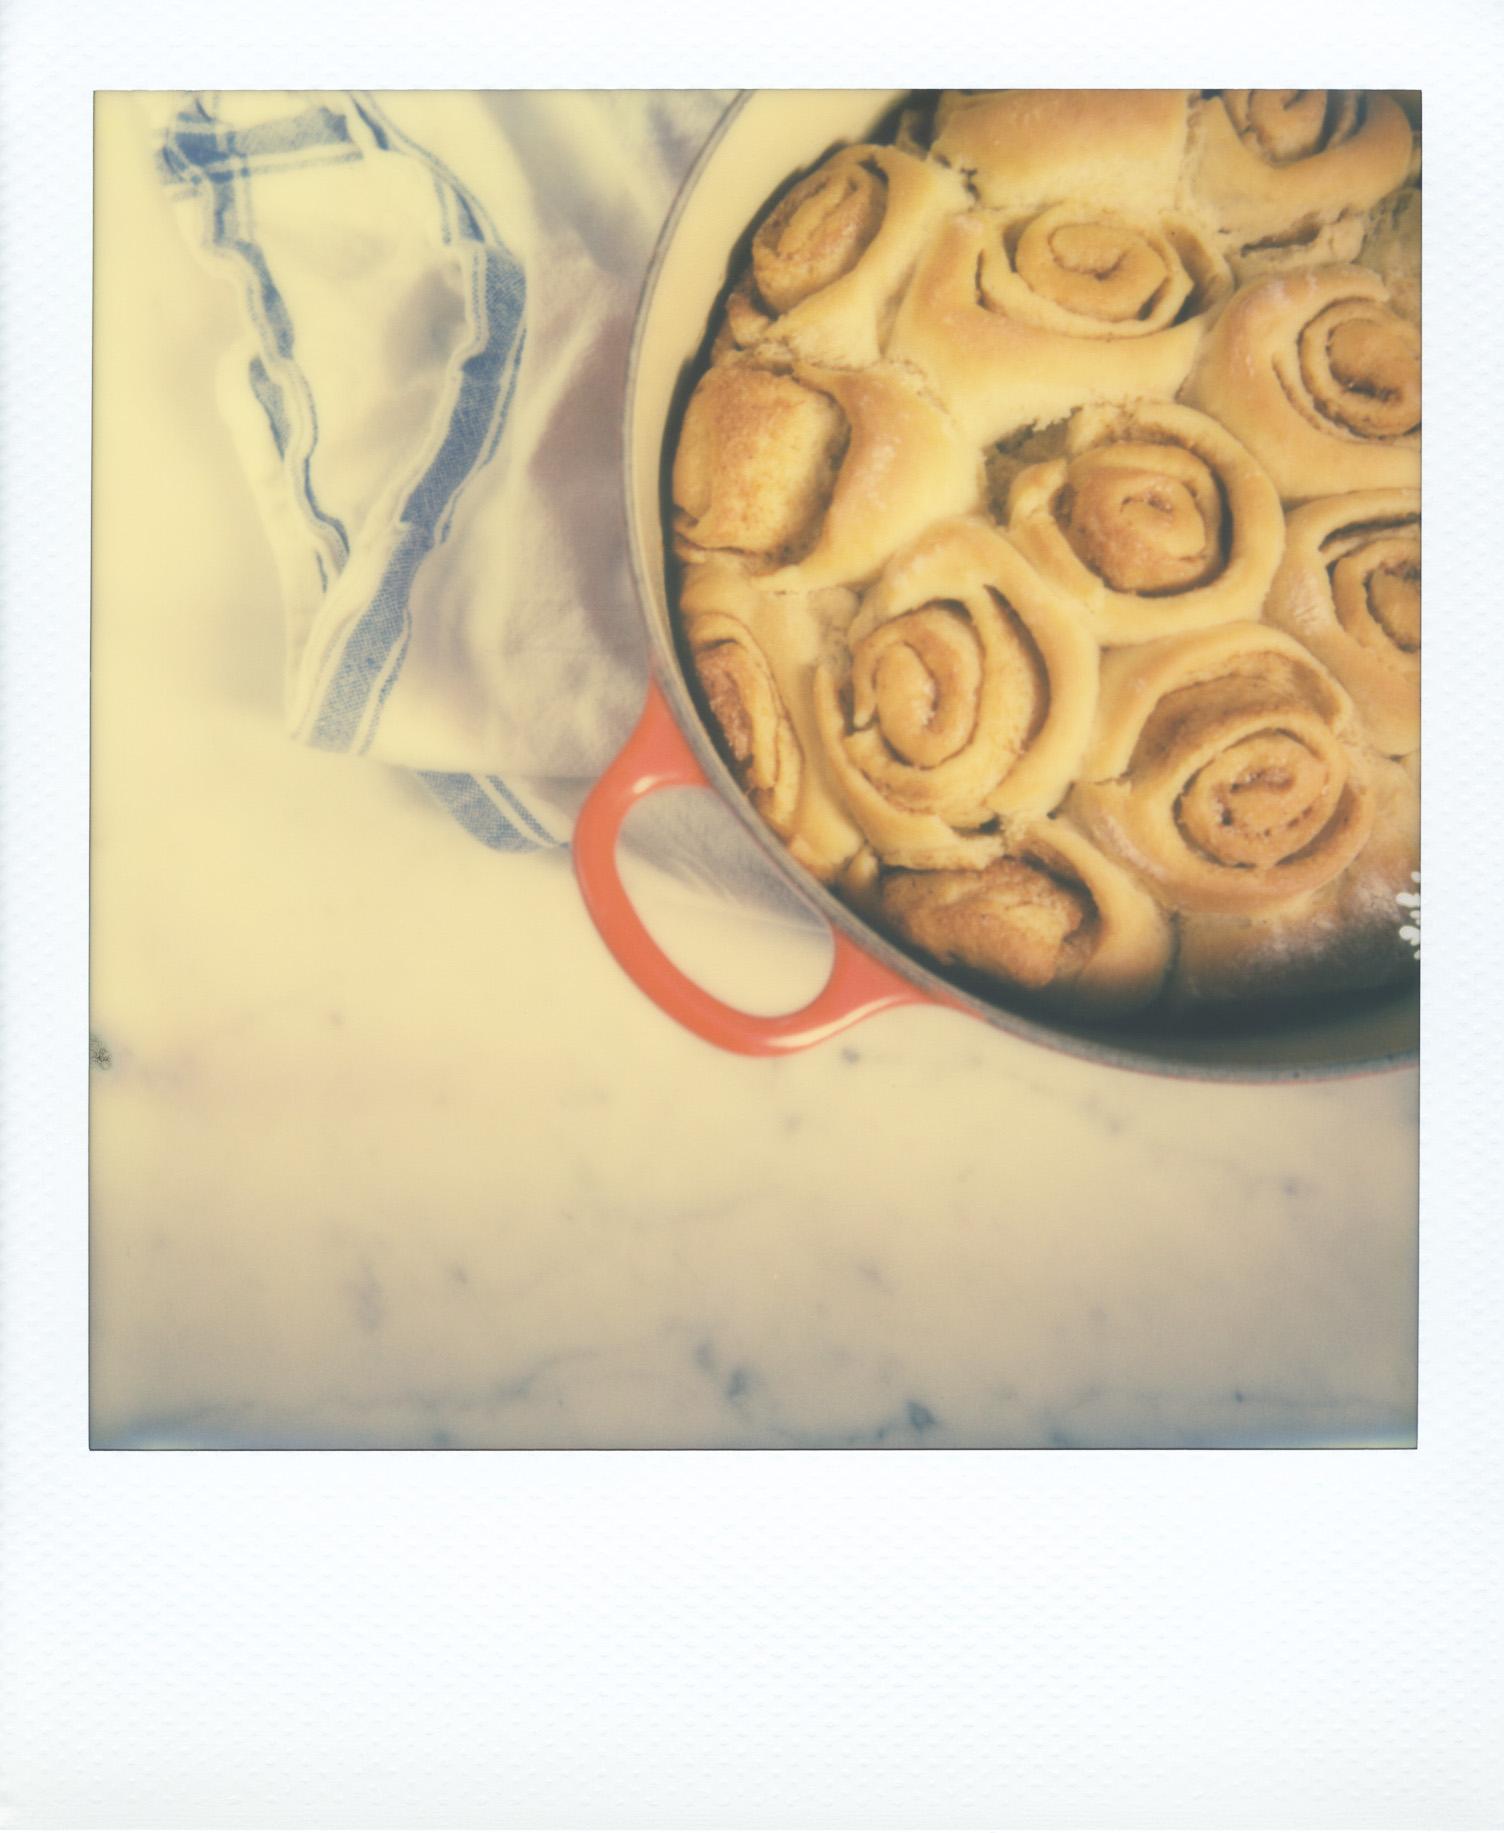 Atlanta-Amsterdam-Treats-Polaroid-Impossible-Project-by-On-a-hazy-morning-5.jpg